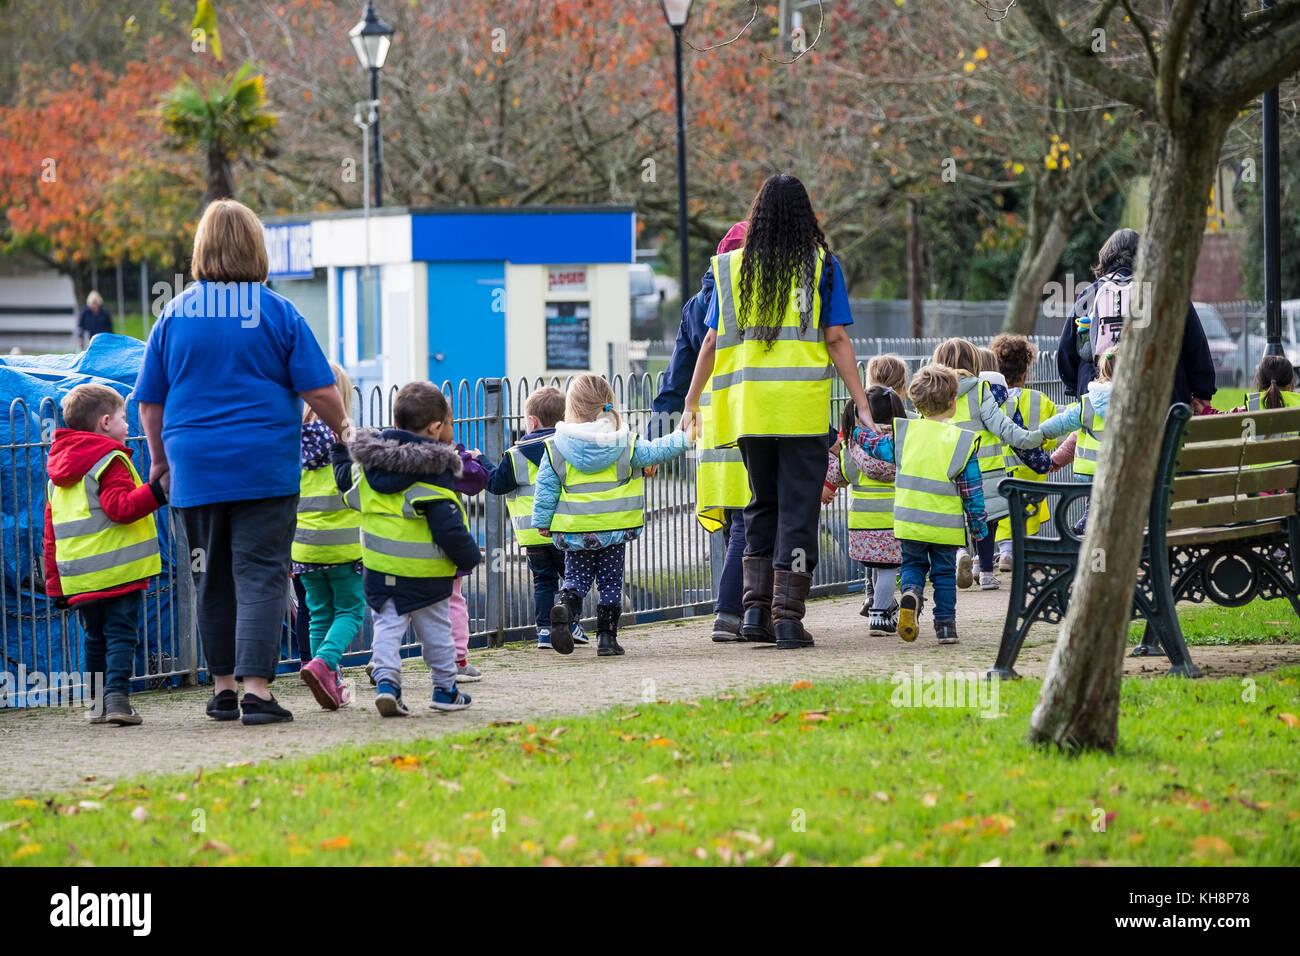 Un grupo de niños de pre-escolar caminando con sus profesores y auxiliares en un viaje. Imagen De Stock